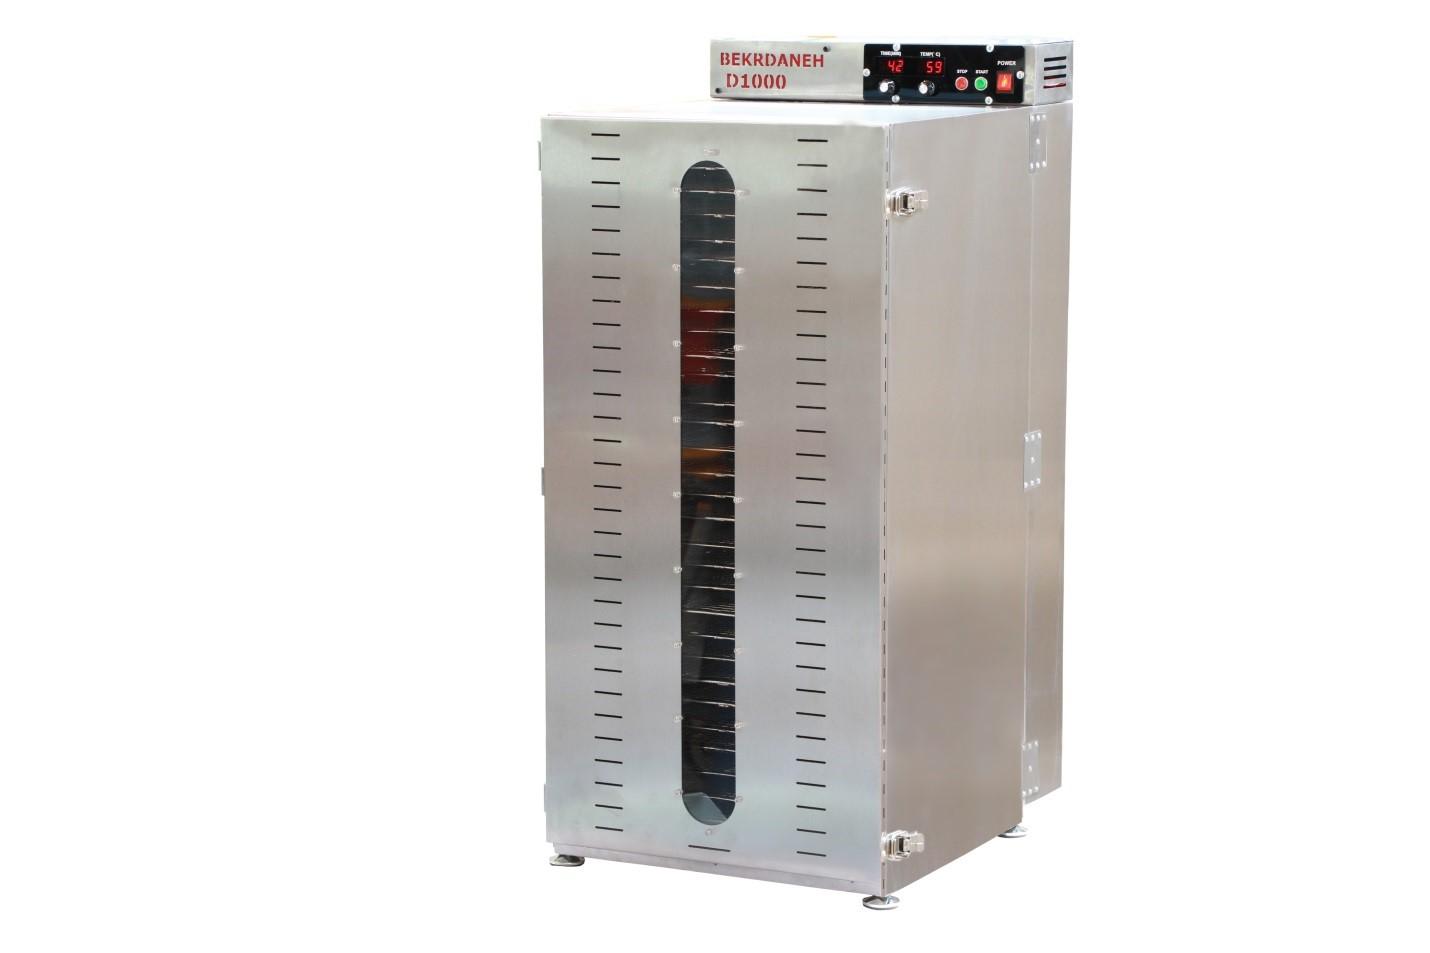 Bekrdaneh D1000 Dehydrator